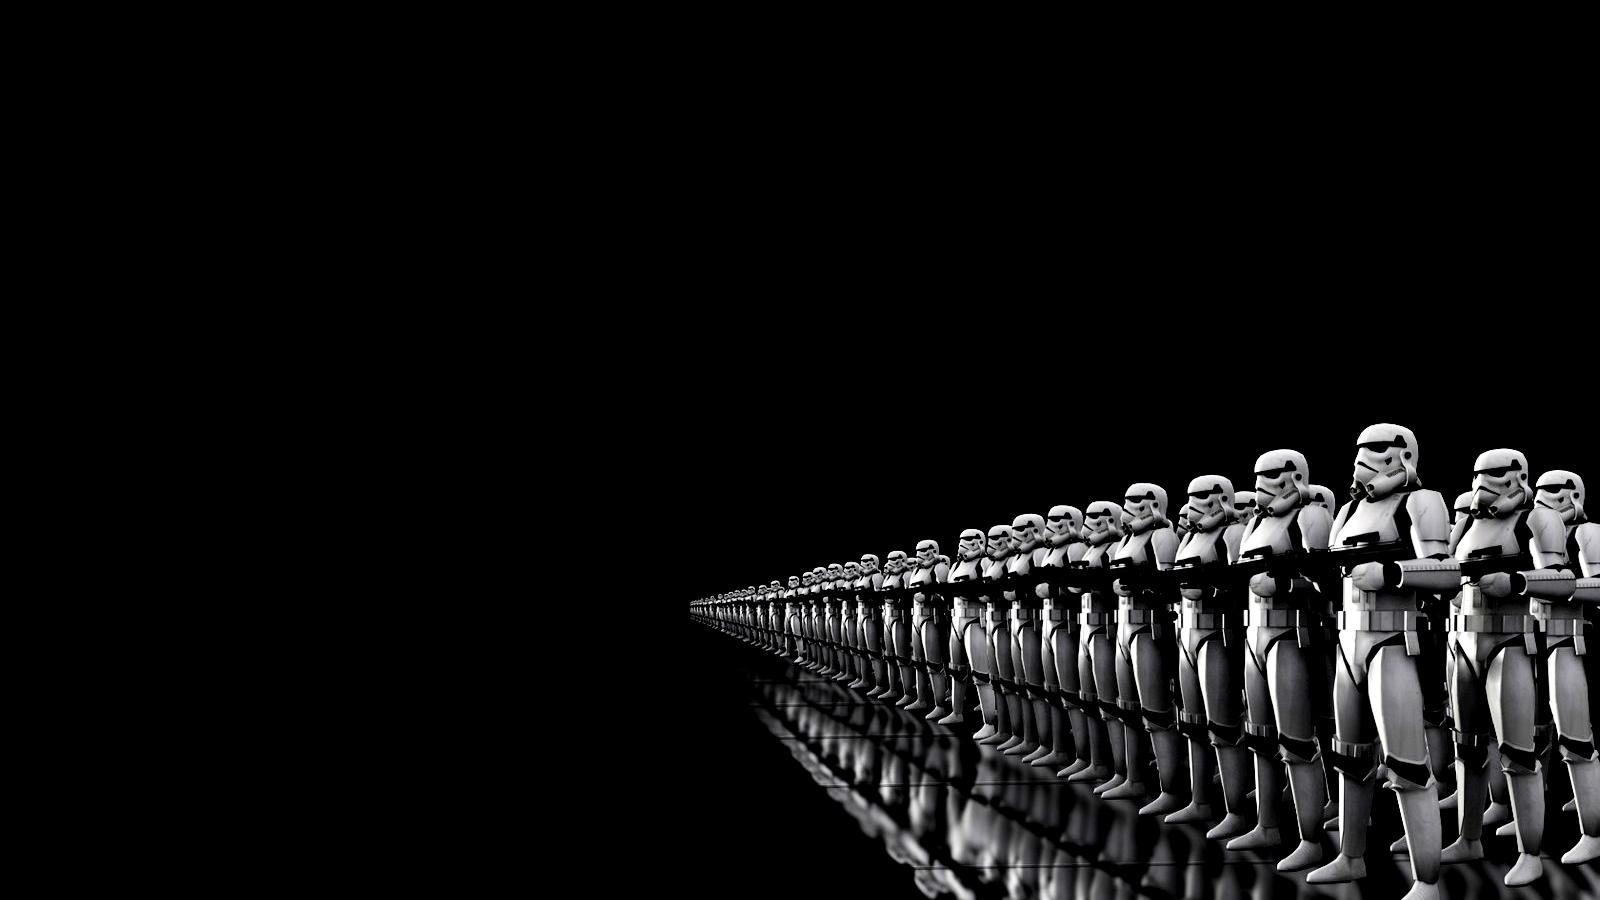 Star Wars Wallpaper 1600x1000 Full HD